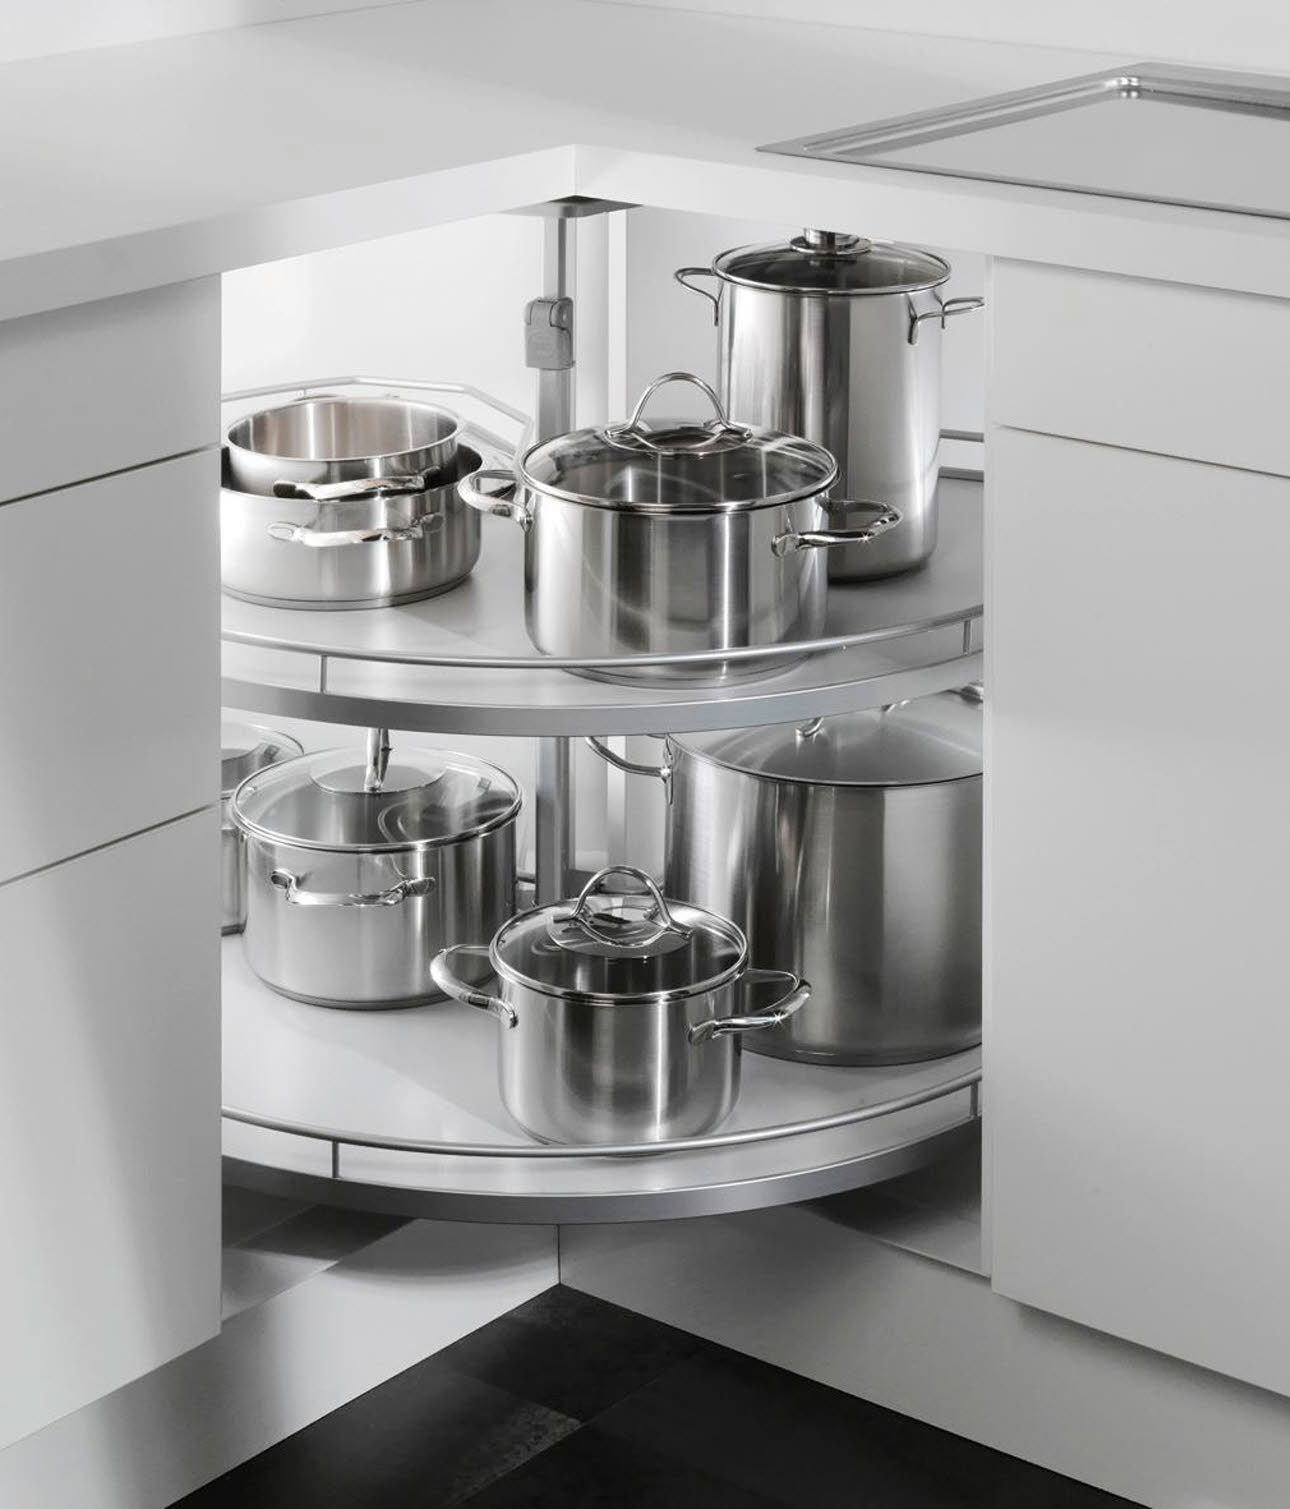 Full Size of Küchenkarussell Stauraumlsungen Zubehr Und Ausstattungsdetails Ewe Wohnzimmer Küchenkarussell